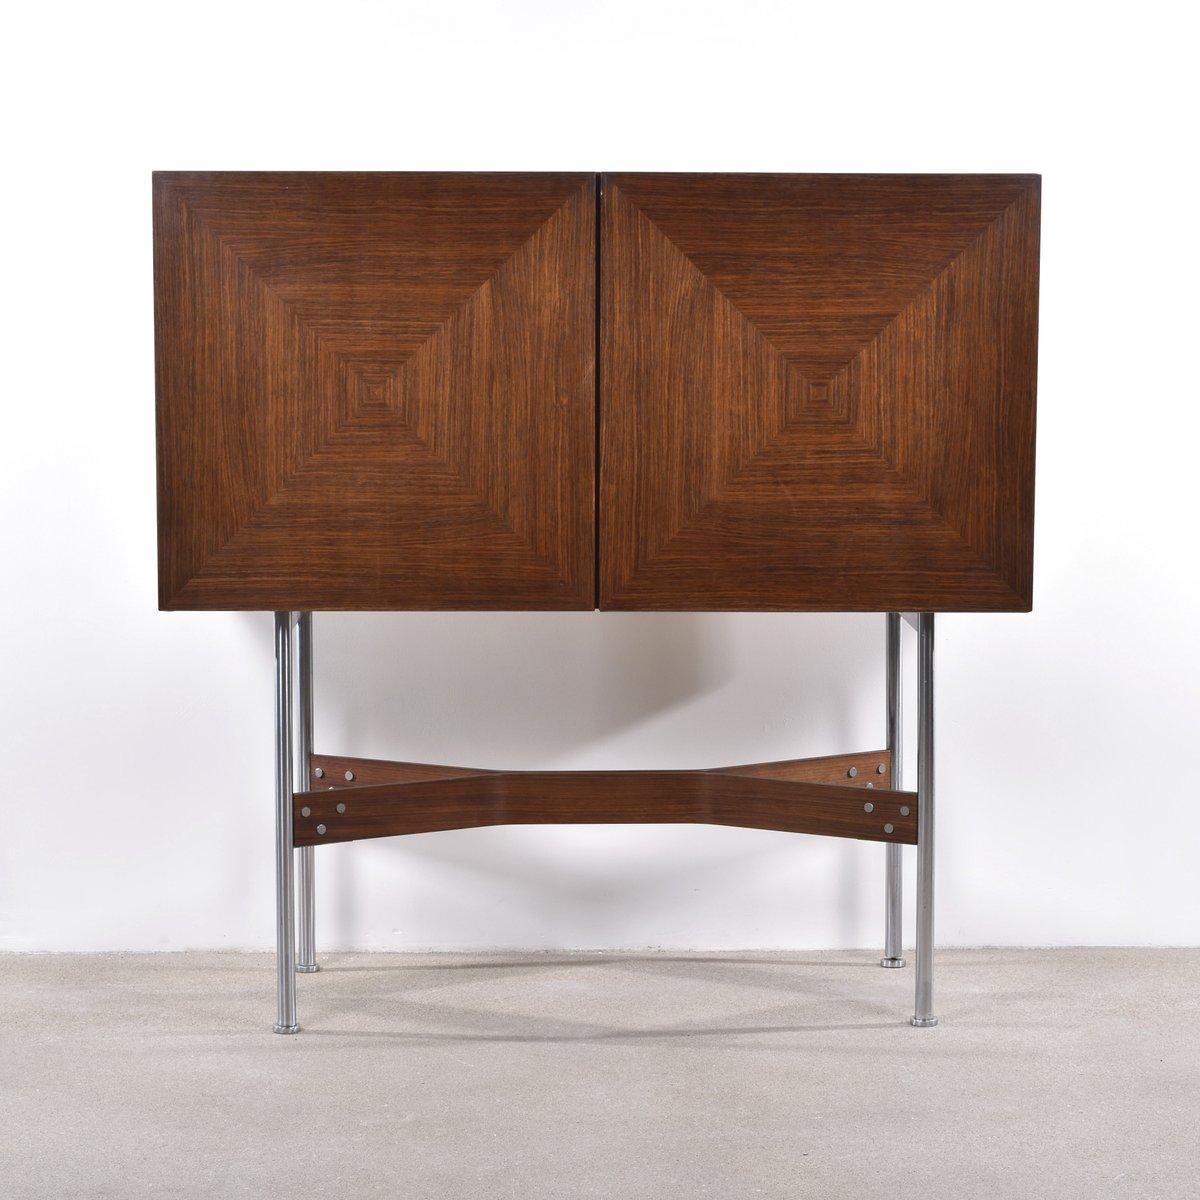 niederl ndischer vintage barschrank von rudolf bernd glatzel f r fristho bei pamono kaufen. Black Bedroom Furniture Sets. Home Design Ideas